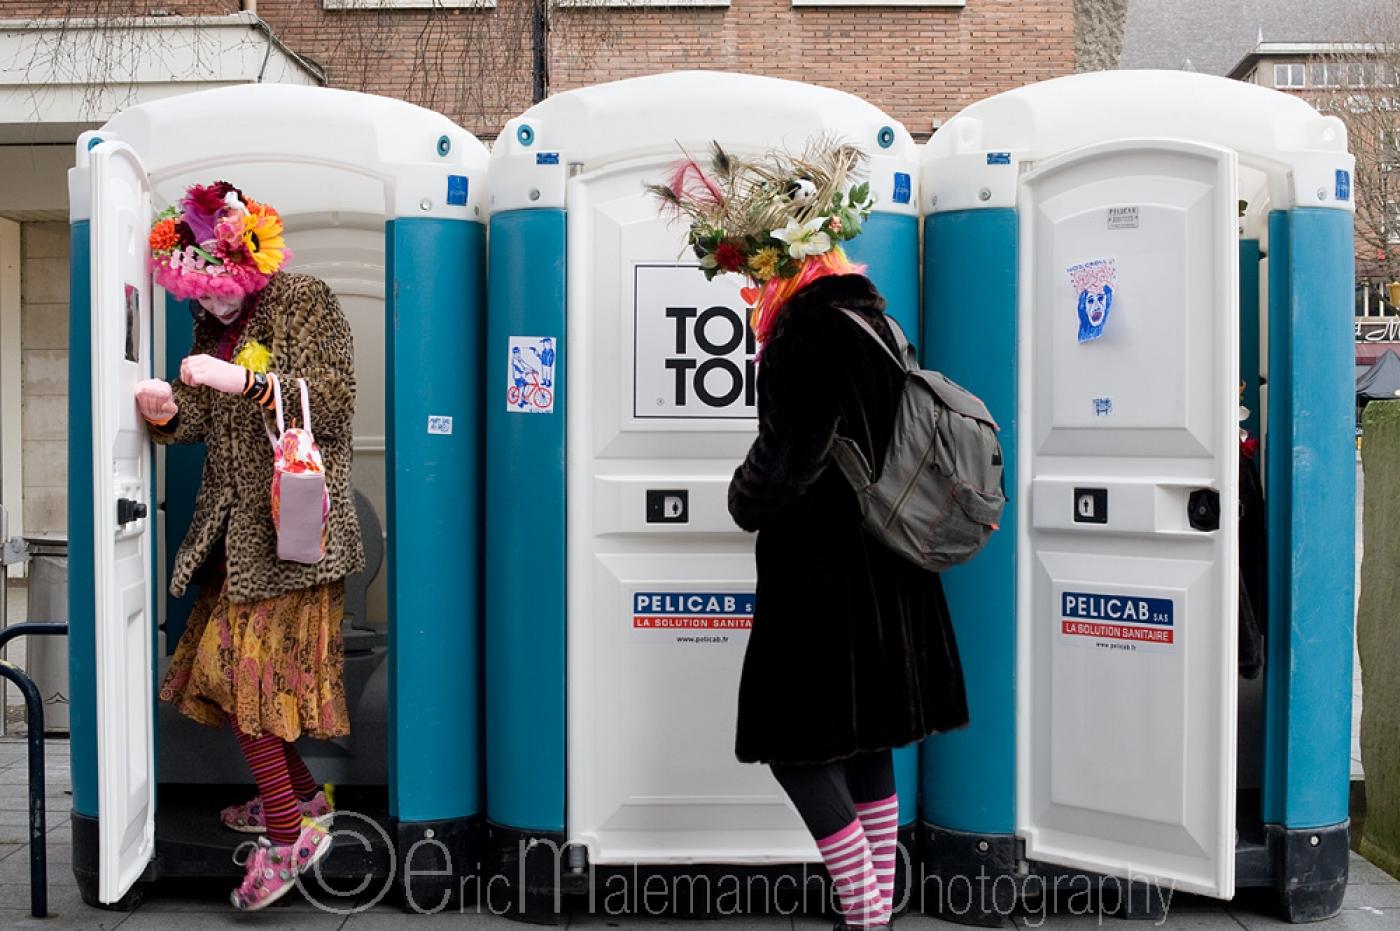 http://www.ericmalemanche.com/imagess/topics/carnaval-de-dunkerque/liste/Carnaval-Dunkerque-0233.jpg